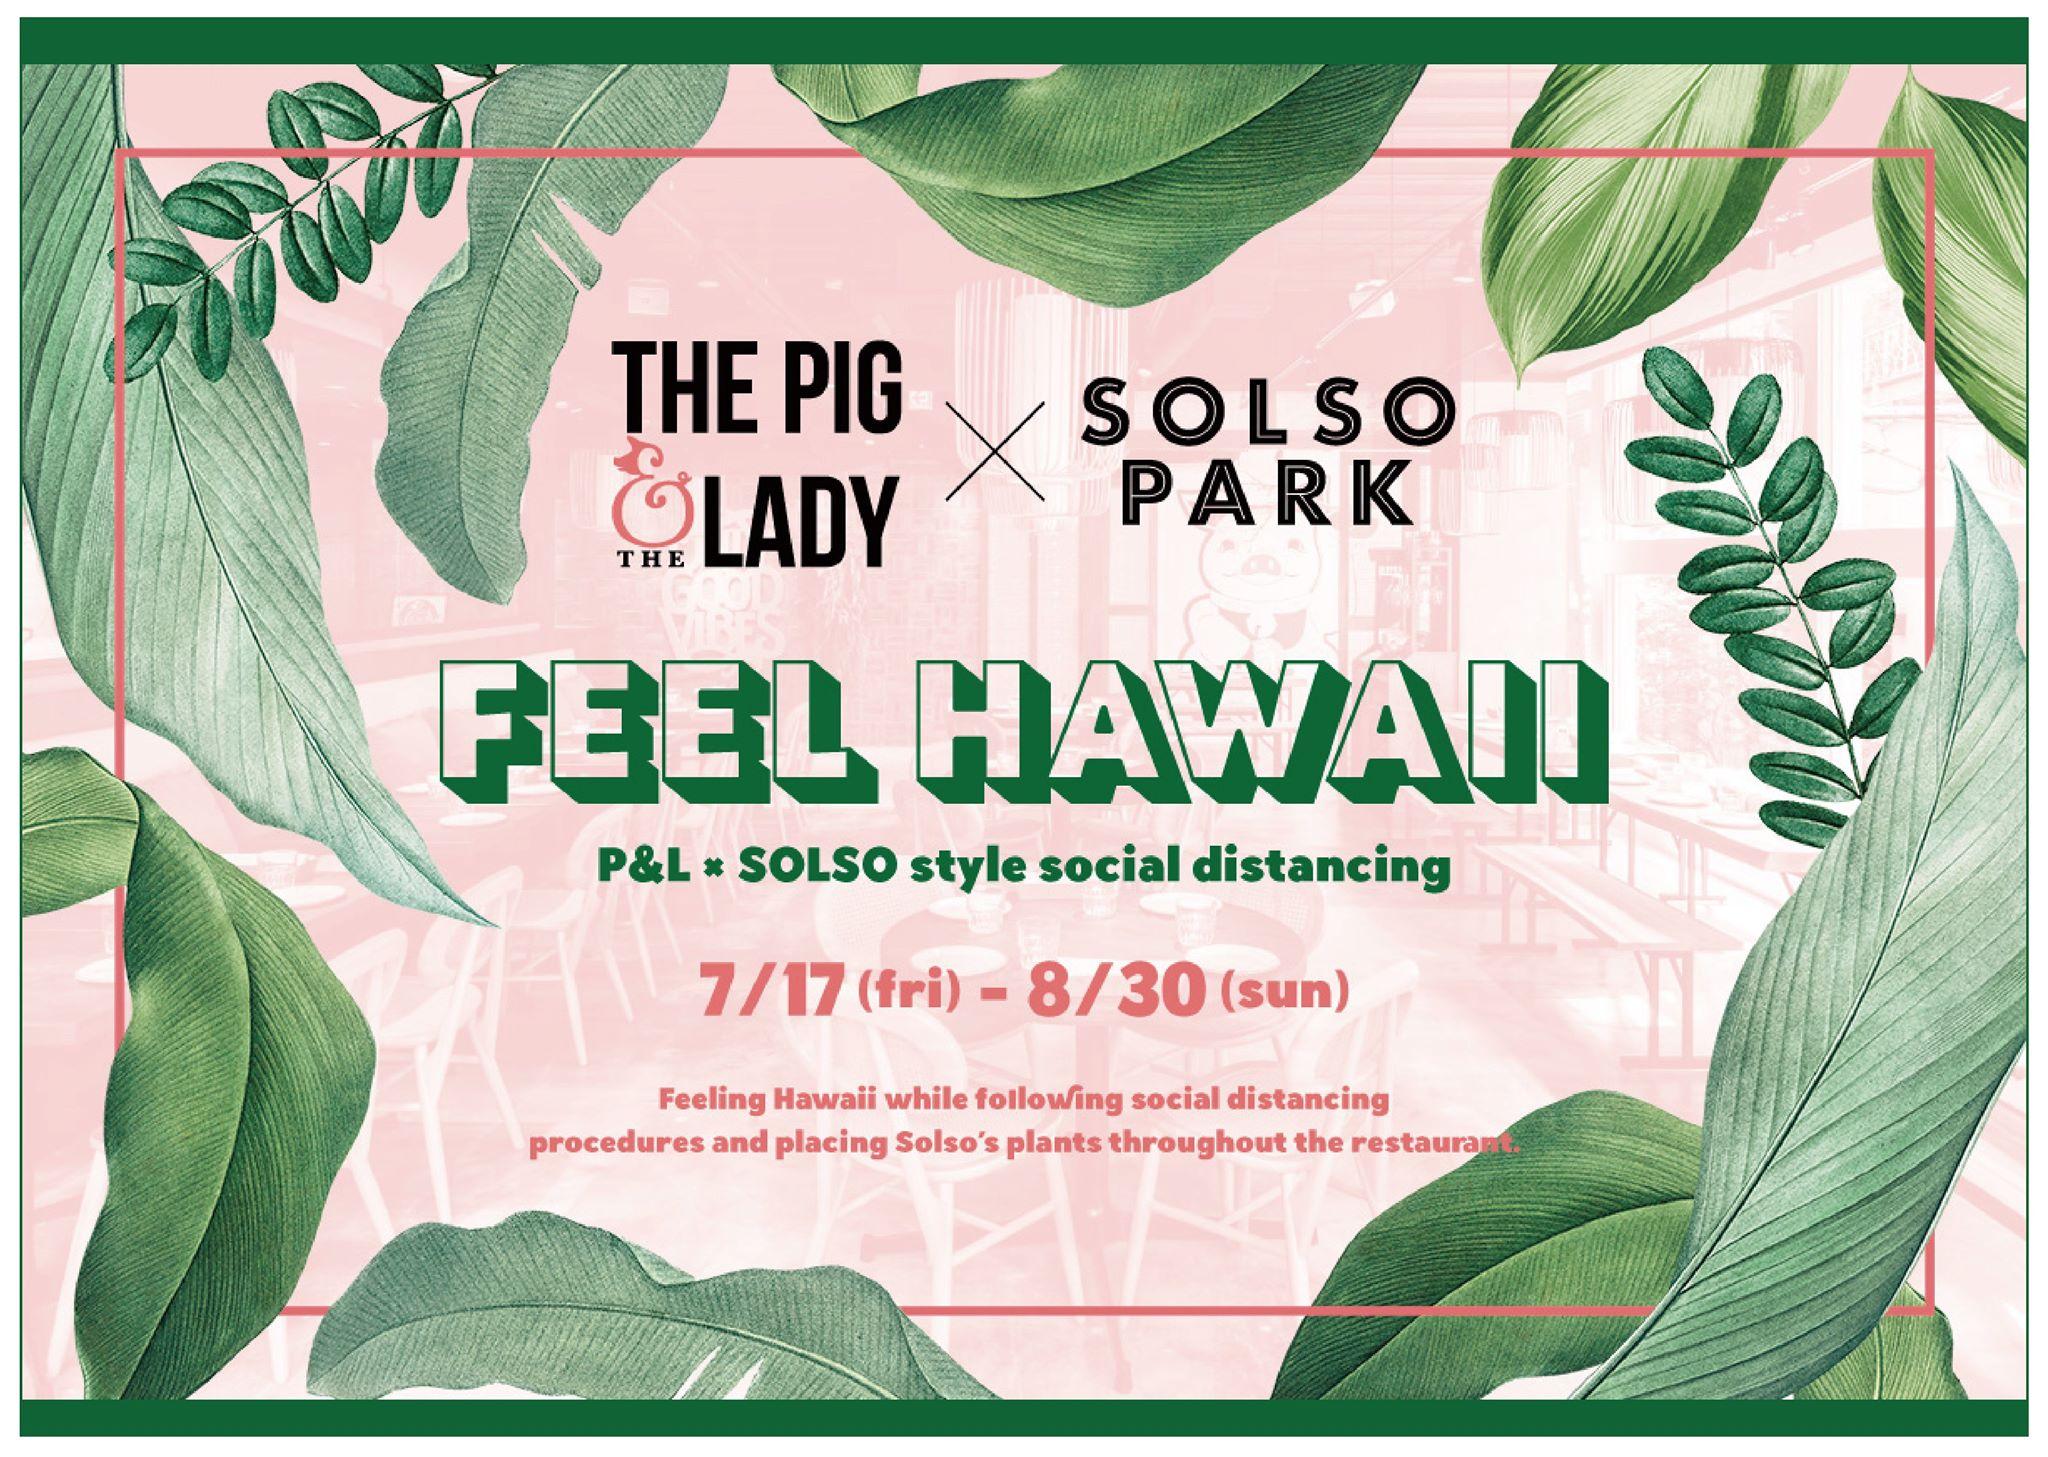 【THE PIG & THE LADY】ソーシャルディスタンスコラボ企画 『FEEL HAWAII』が7月17日からスタート!